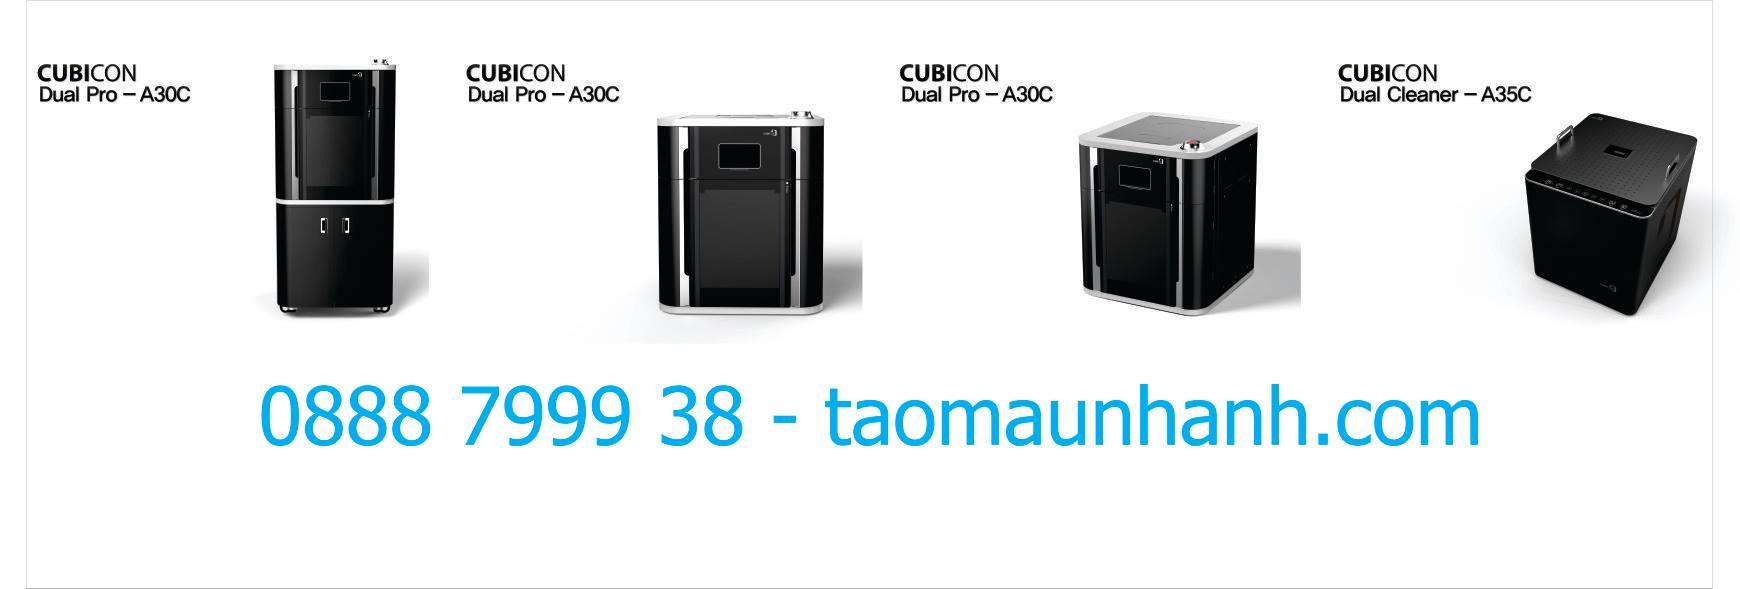 Máy in 3D Cubicon Dual Pro là dòng máy in 3D công nghiệp có khổ in 300* 300* 300 (mm) của hãng máy in Cubicon đến từ Hàn Quốc. Với bước tiến đột phá từ máy in 3D mini đến máy in 3D công nghiệp; Cubicon Dual Pro đang tạo một làn sóng tại Hàn Quốc và các nước Châu Âu - Hoa Kỳ.